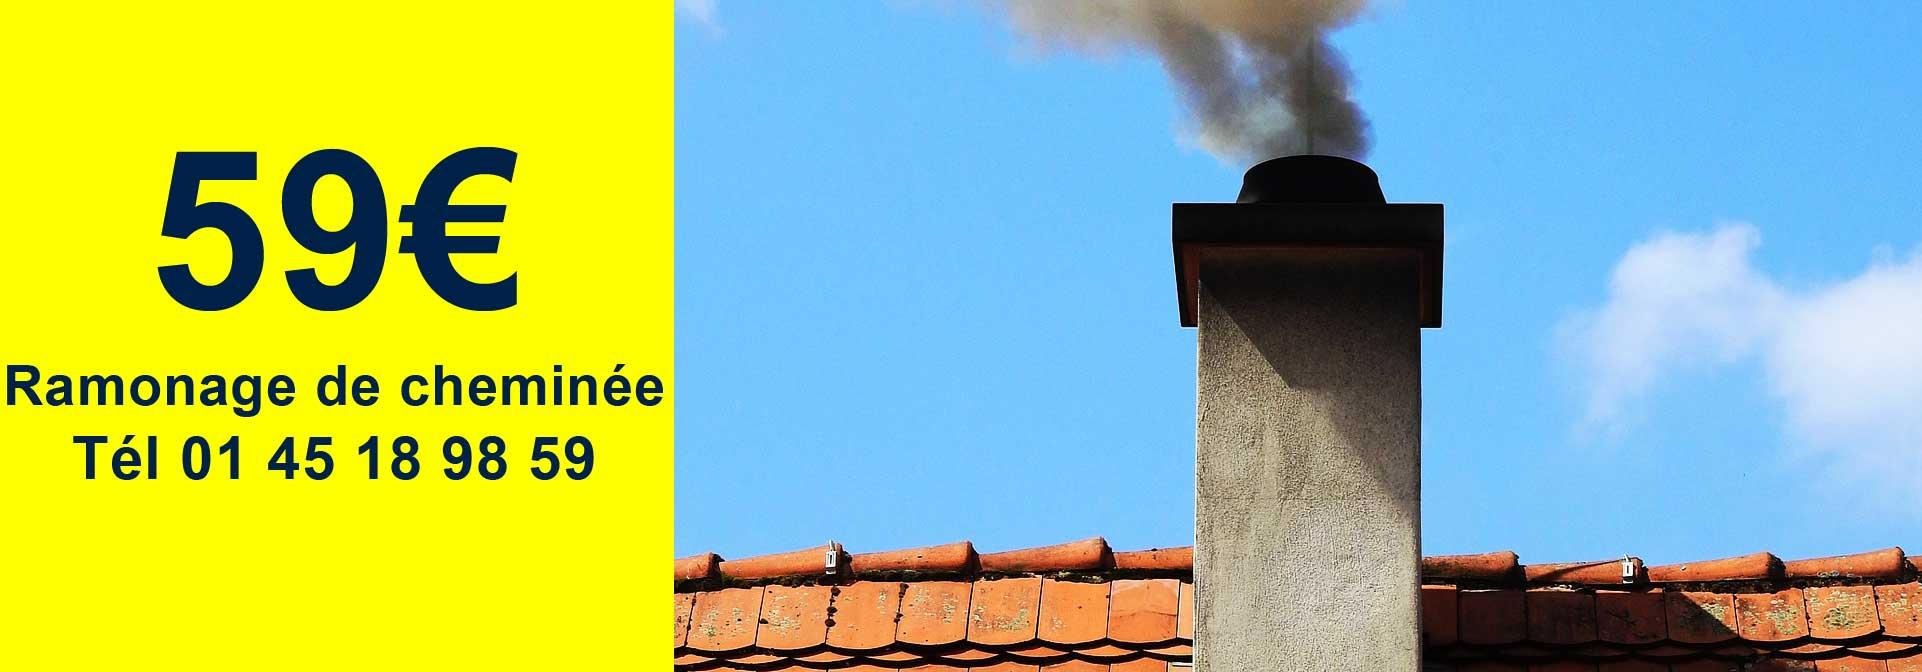 ramonage cheminee paris ile de france 59€, Ramonage Rungis 94150